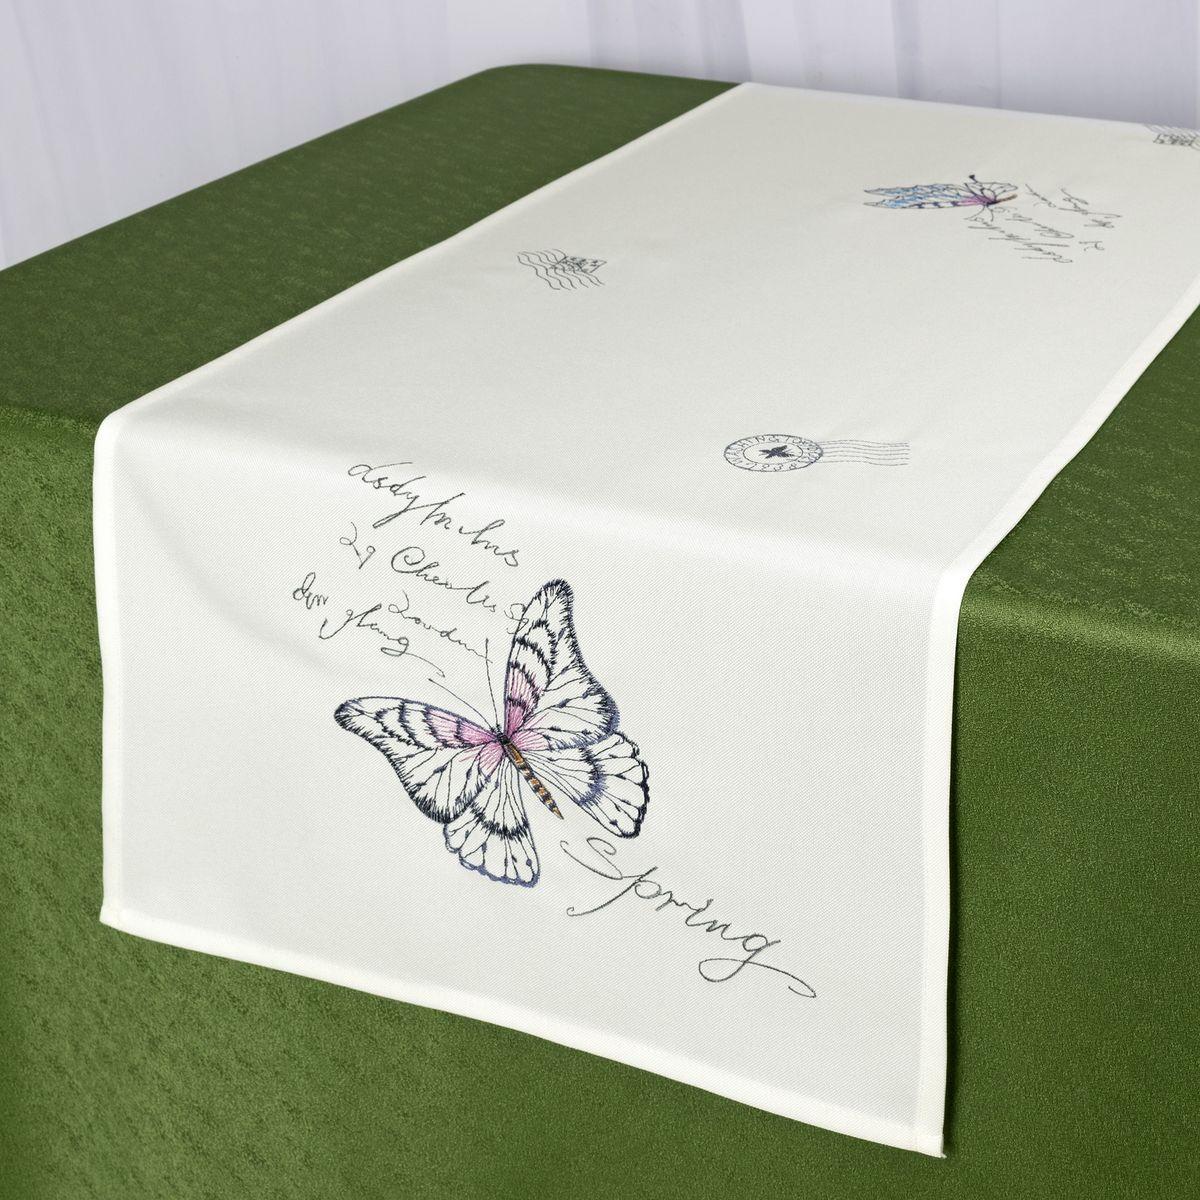 Дорожка для декорирования стола Schaefer, 40 x 140 см, цвет: белый. 07730-2111004900000360Дорожка для декорирования стола Schaefer может быть использована, как основной элемент, так и дополнение для создания уюта и романтического настроения.Дорожка выполнена из полиэстера. Изделие легко стирать: оно не мнется, не садится и быстро сохнет, более долговечно, чем изделие из натуральных волокон.Материал: 100% полиэстер.Размер: 40 x 140 см.